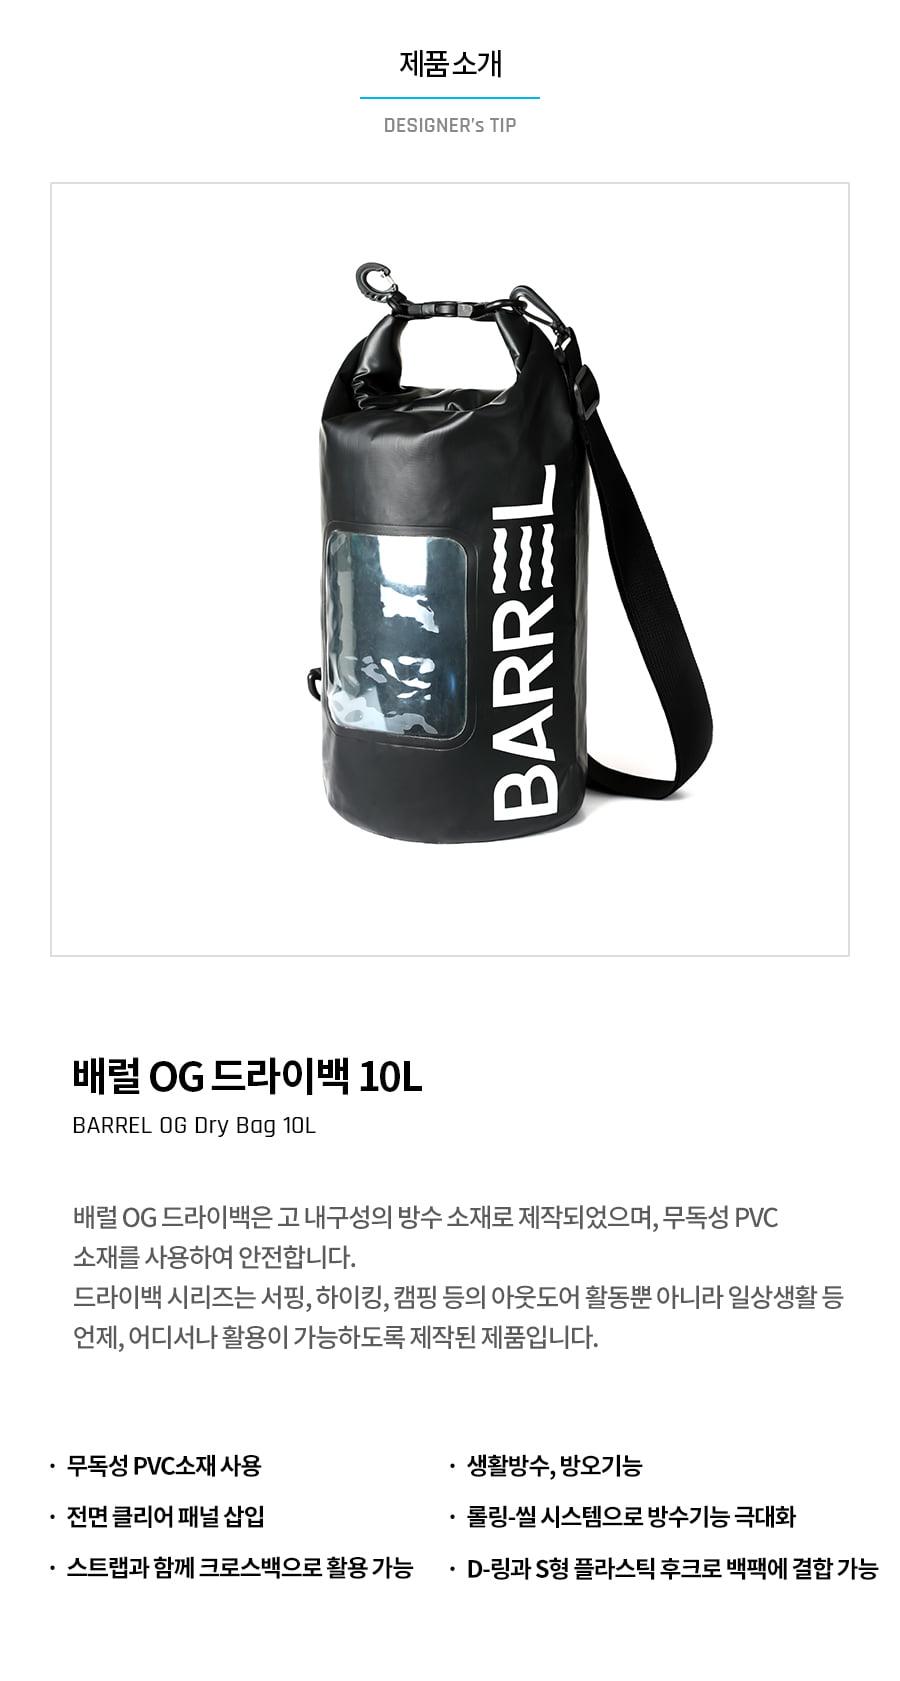 배럴(BARREL) OG 드라이백 10L 블랙 (BW5BDBA001BK10L)